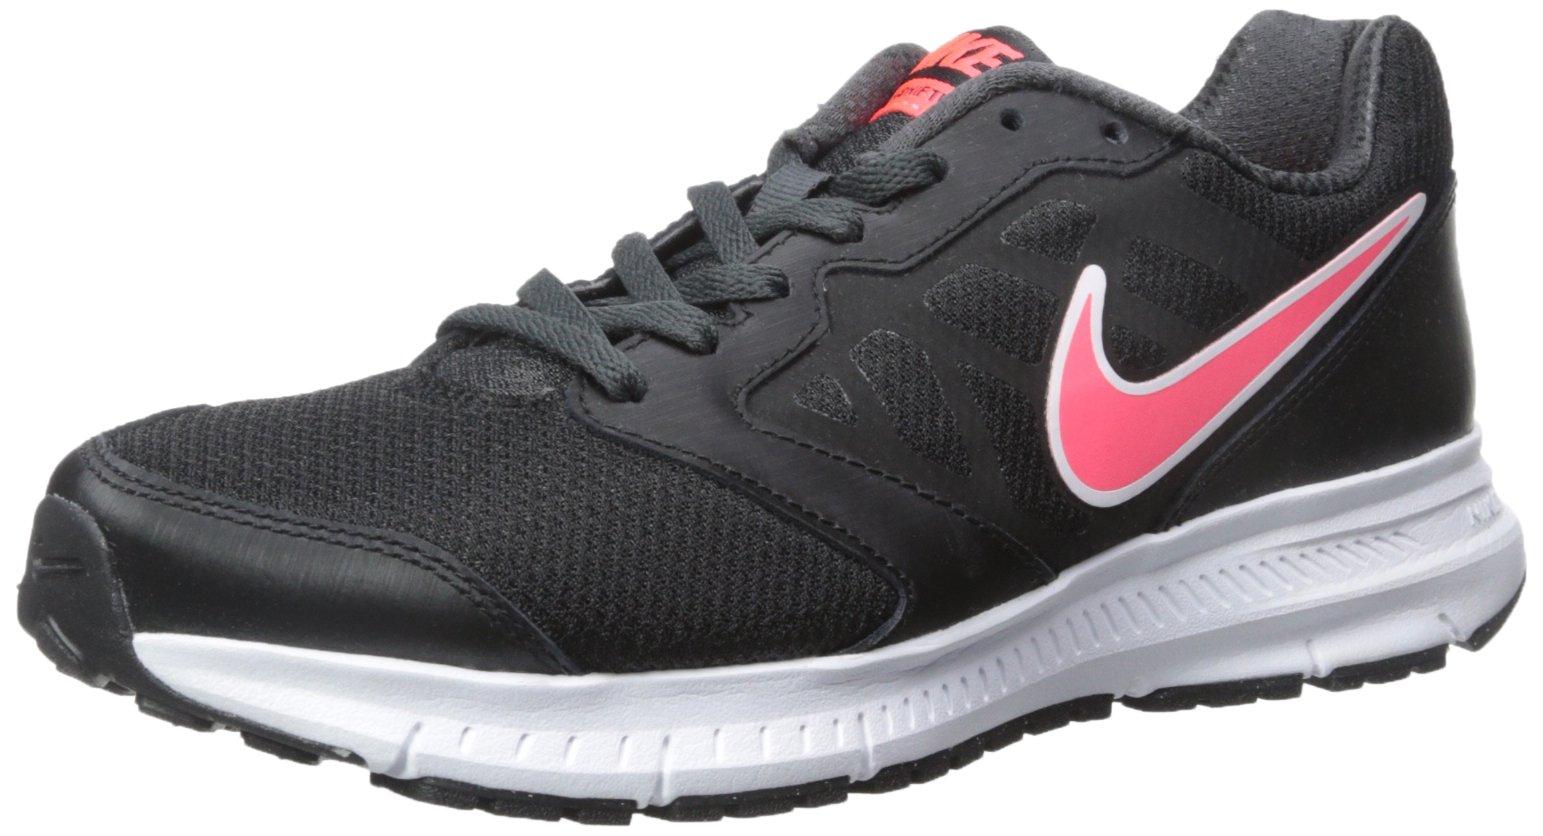 NIKE Womens Downshifter 6 Running Shoe